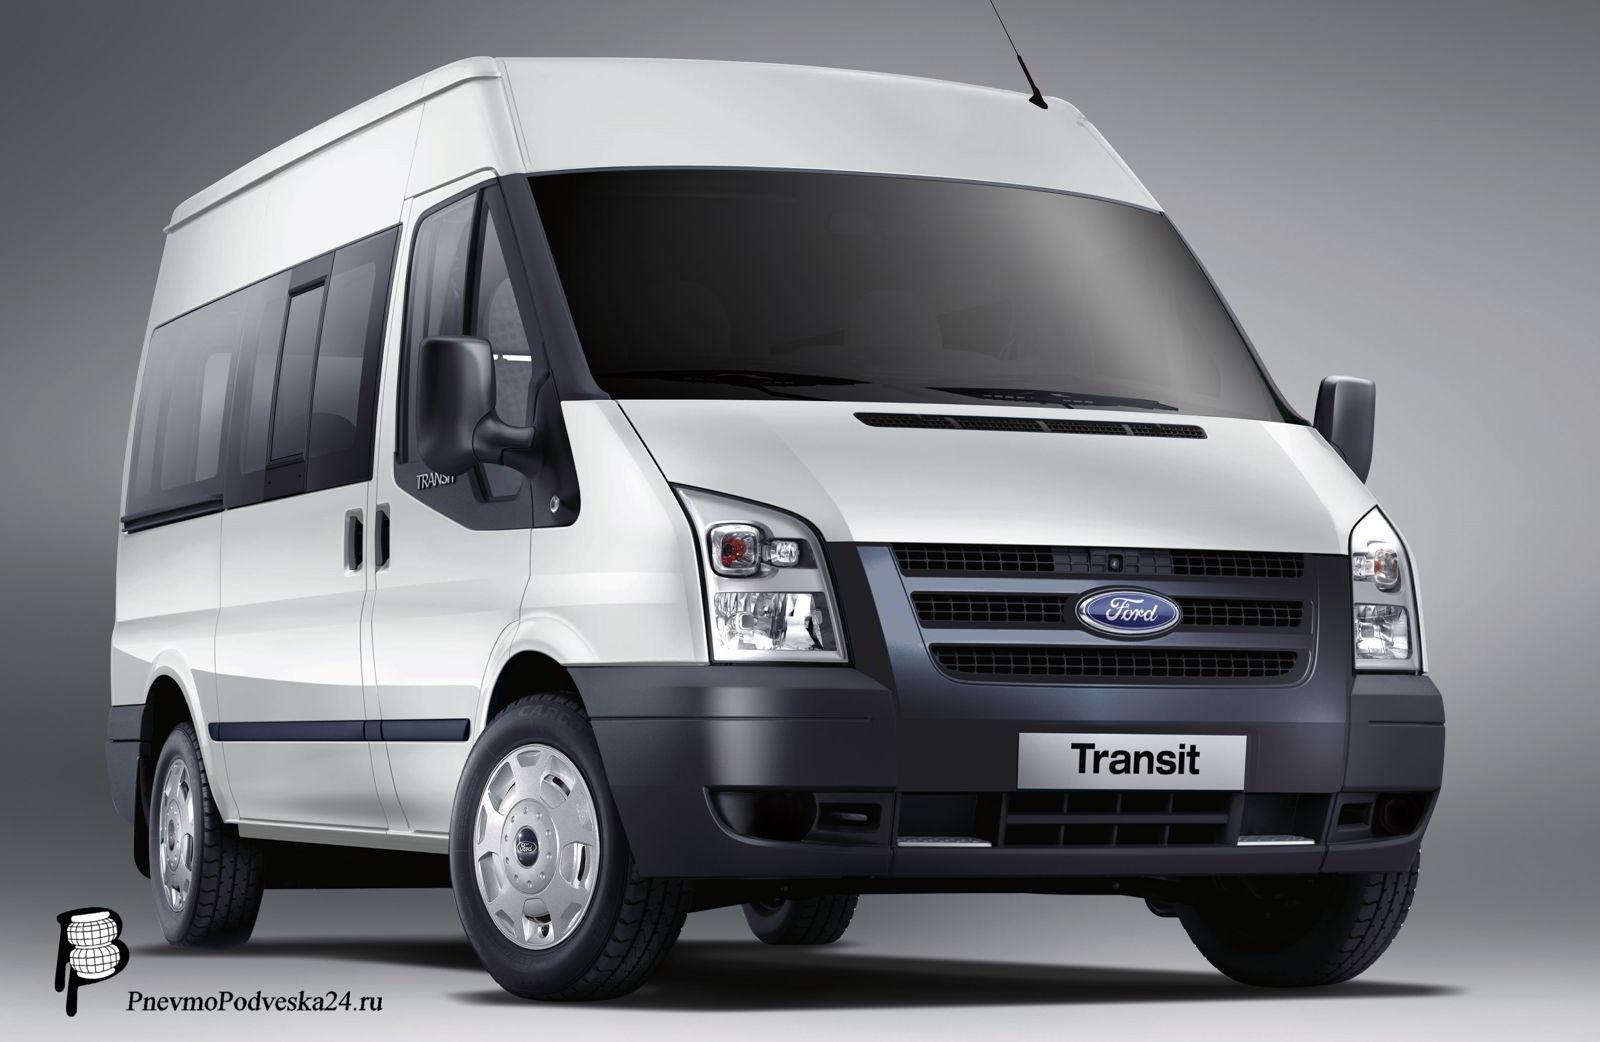 ford transit российская сборка